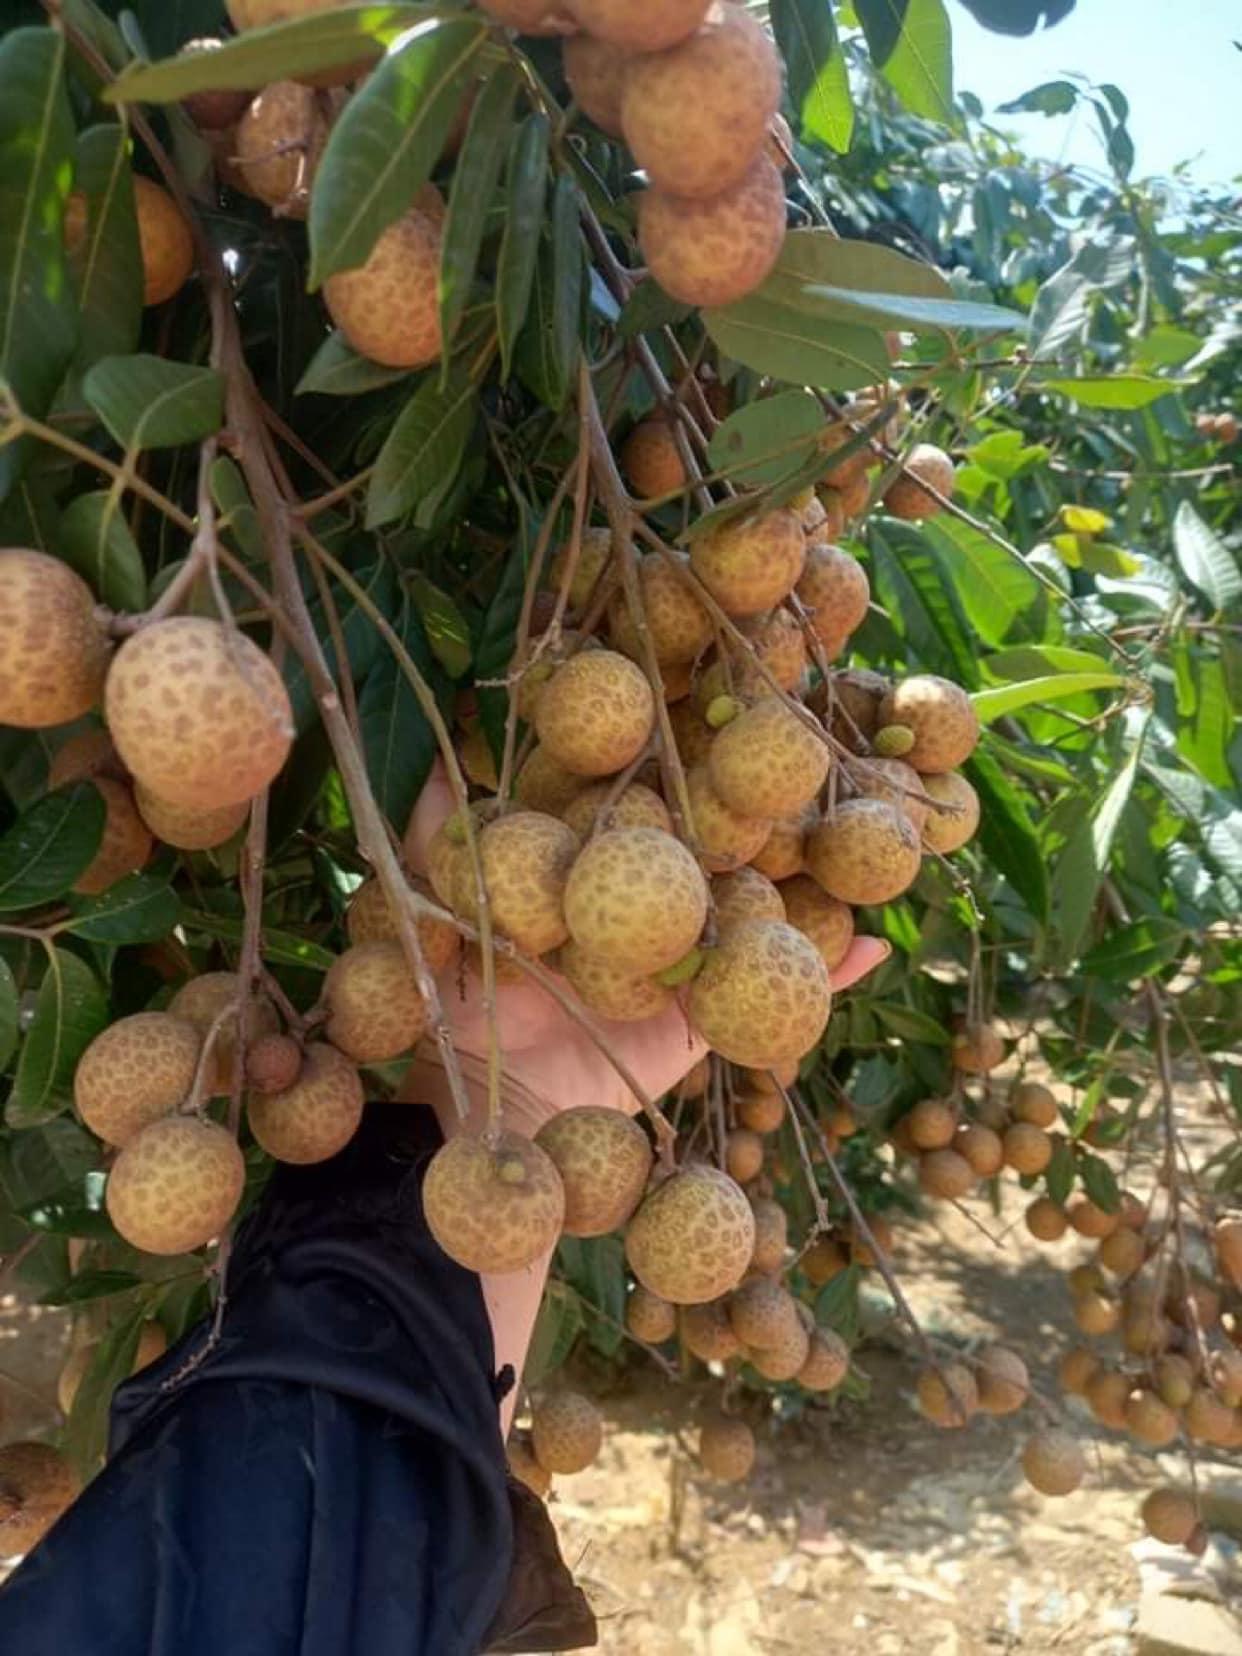 Nhãn quê chỉ 10.000 đồng/kg, chủ vườn khóc, người dân tranh thủ mua nhiều - Ảnh 8.